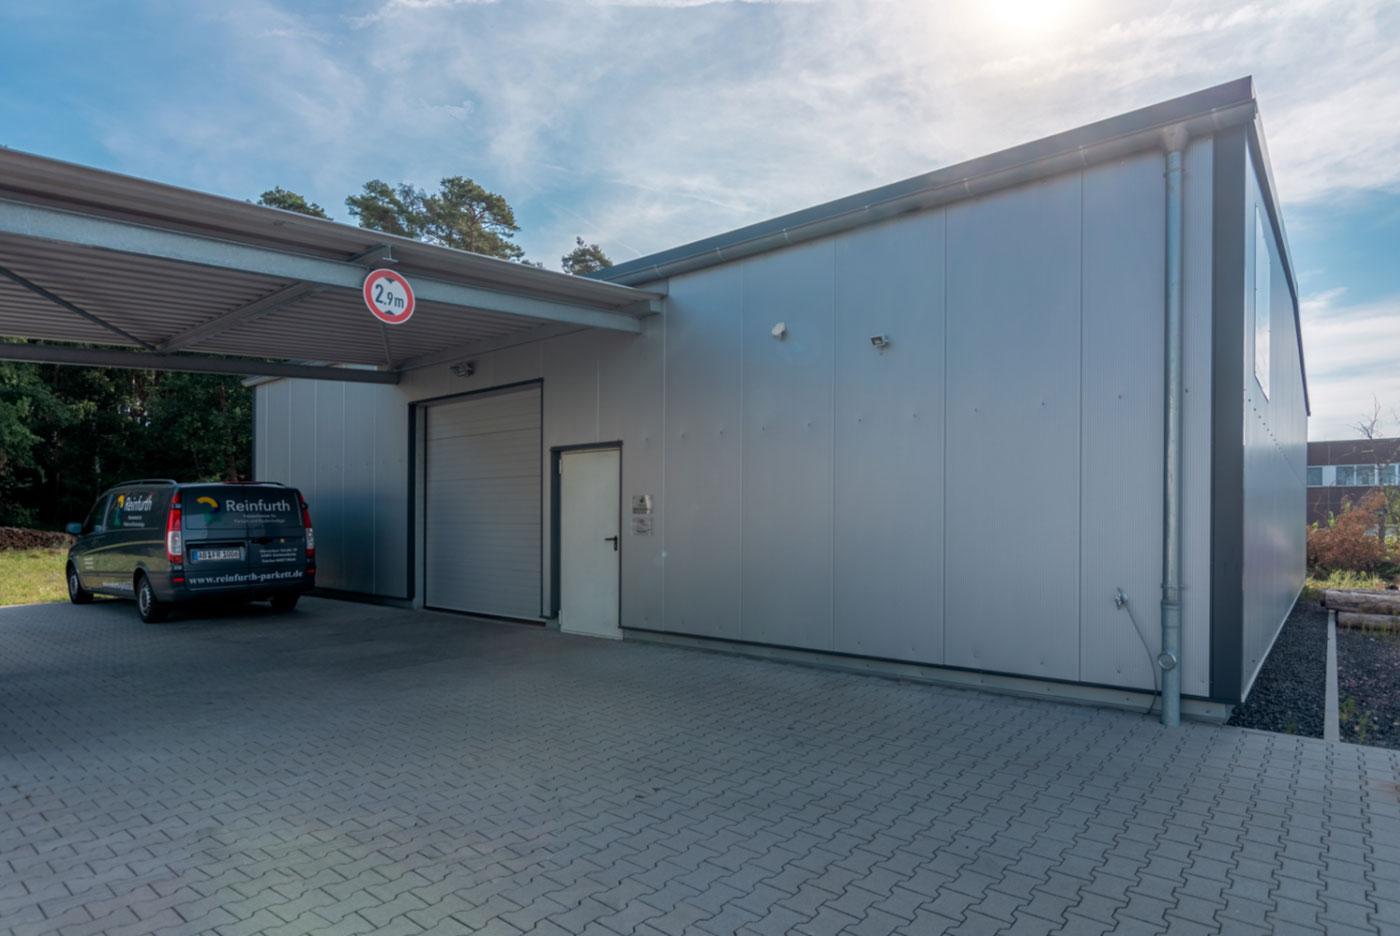 produktionshalle, Halle, theo albert, Bau, Bauunternehmen